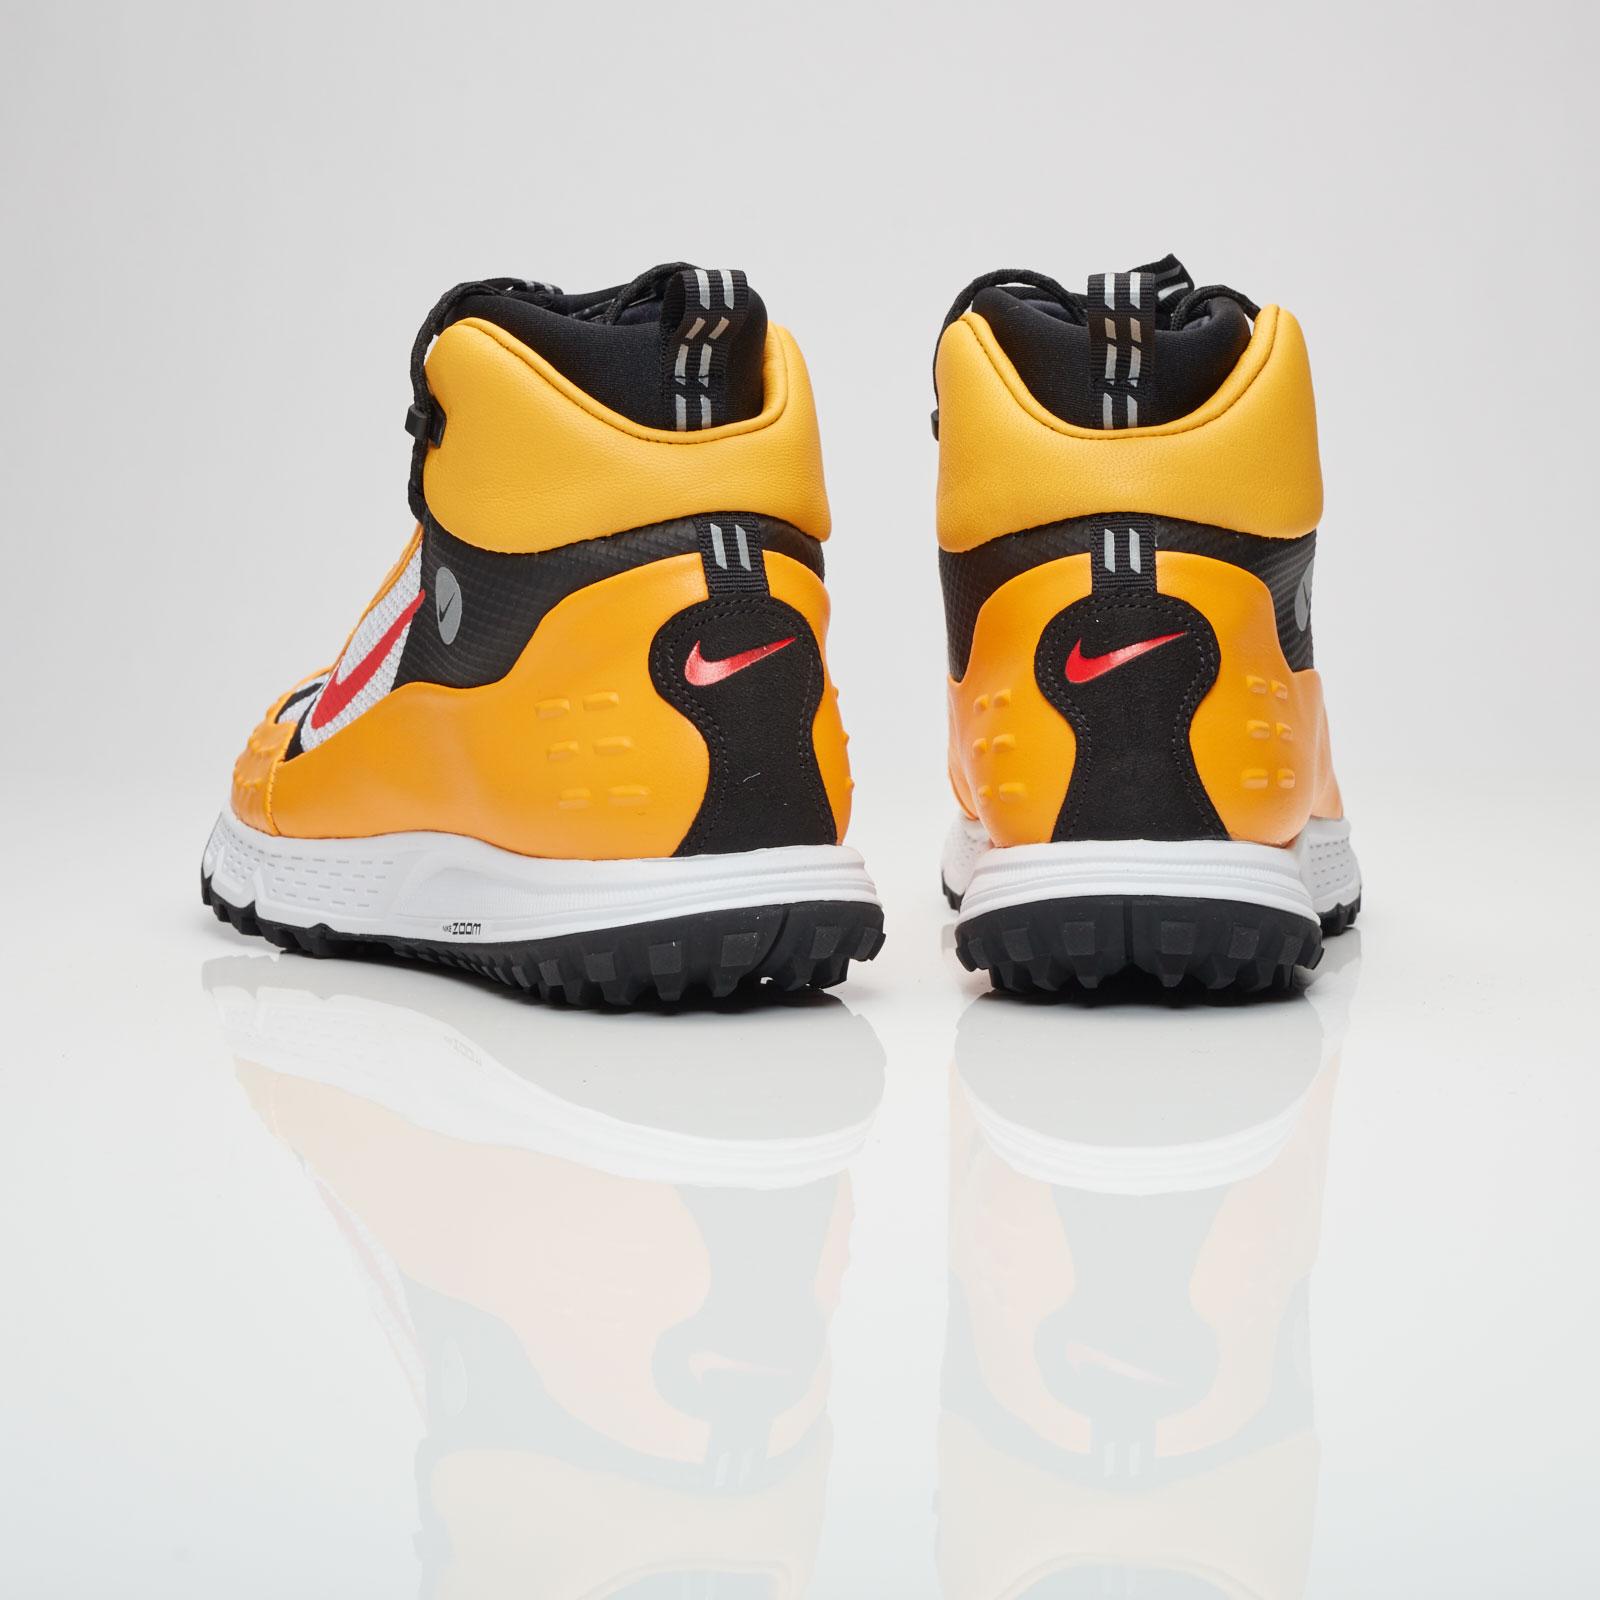 sold worldwide performance sportswear huge selection of Nike Air Zoom Sertig 16 - 904335-700 - Sneakersnstuff | sneakers ...